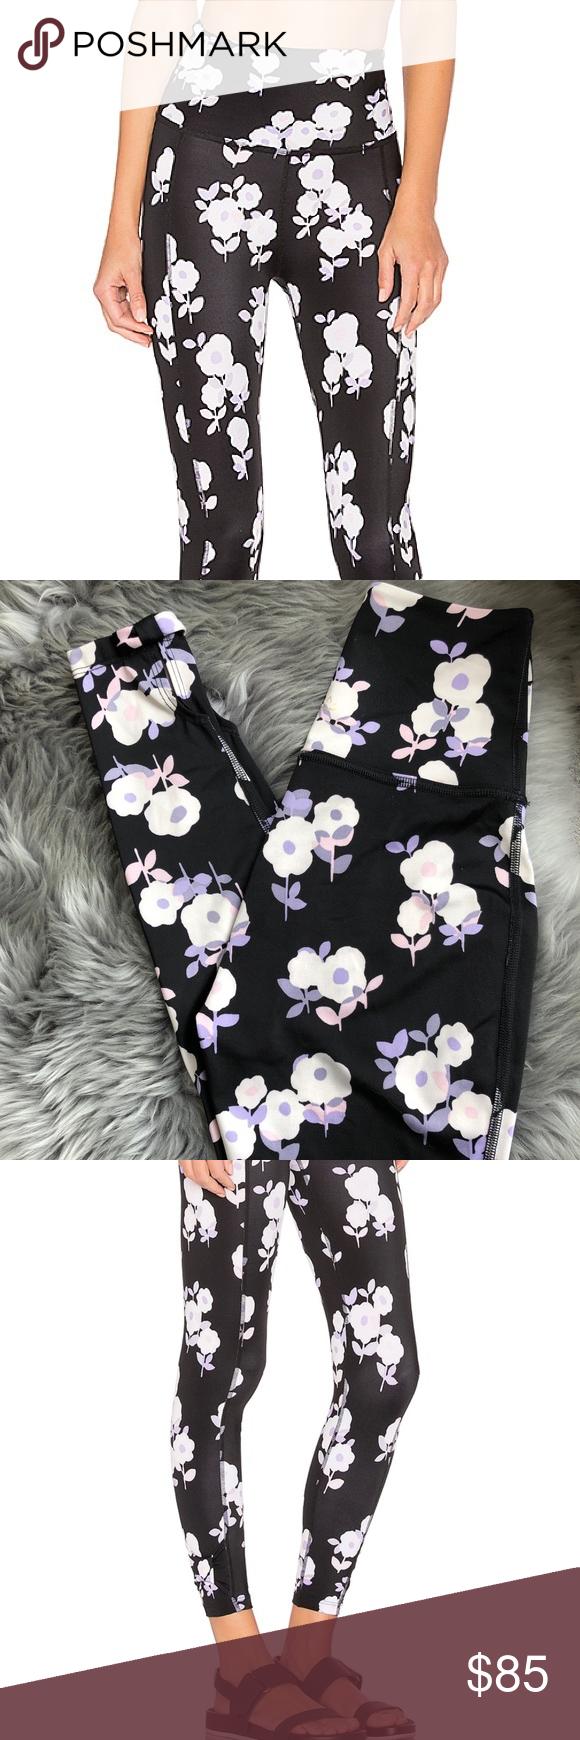 38af515b83d86 x Kate Spade Bow Legging Floral Garden * x kate spade Cinched Side Bow  Legging in